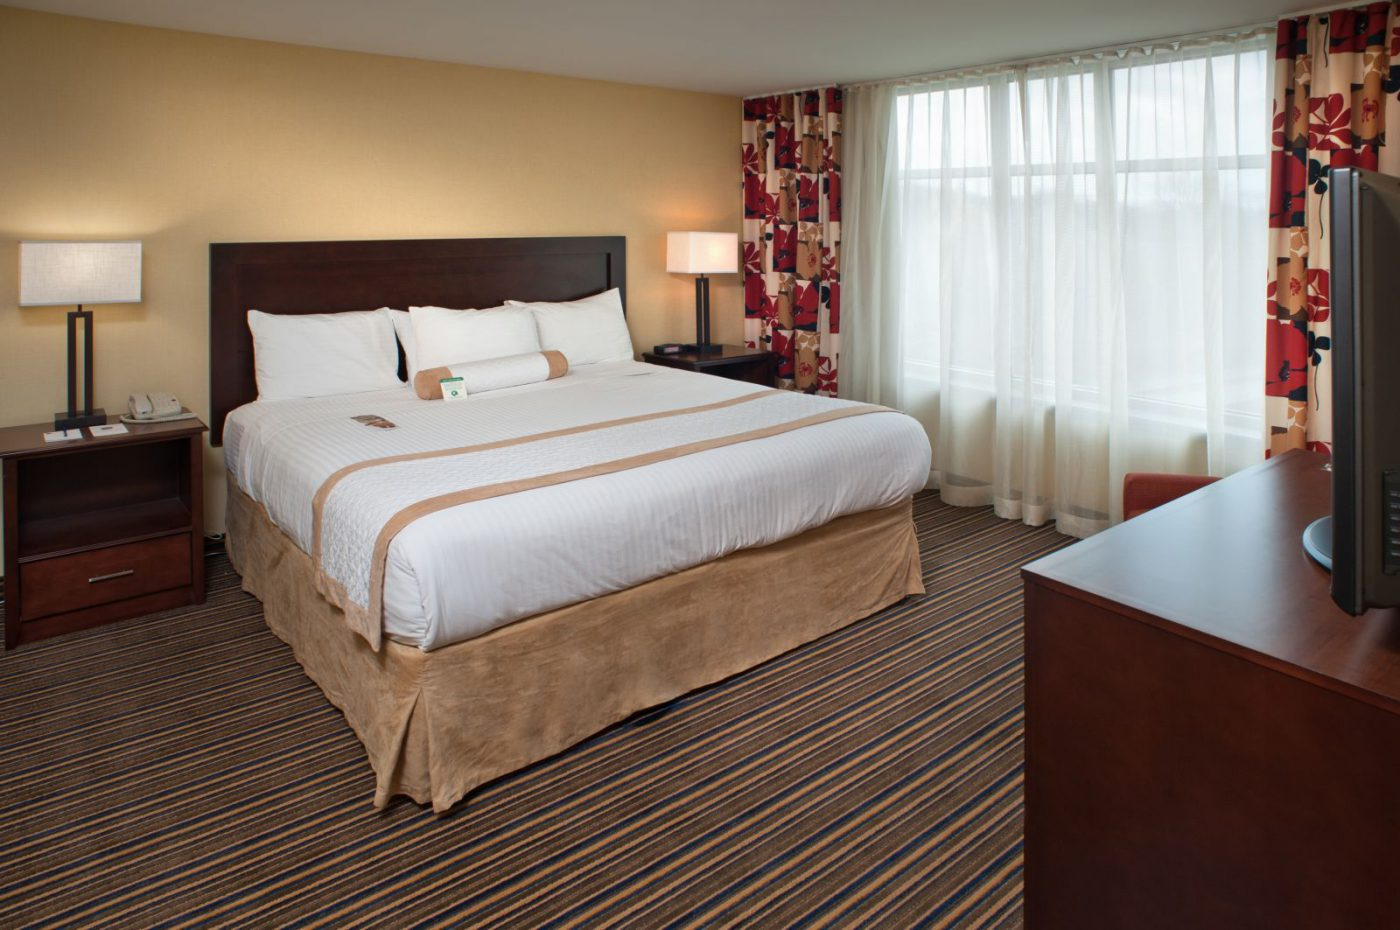 Jangan Bingung Ketika Mau Booking Hotel, Ini Dia Cara Membedakan Tipe Kamar Hotel yang Ada!